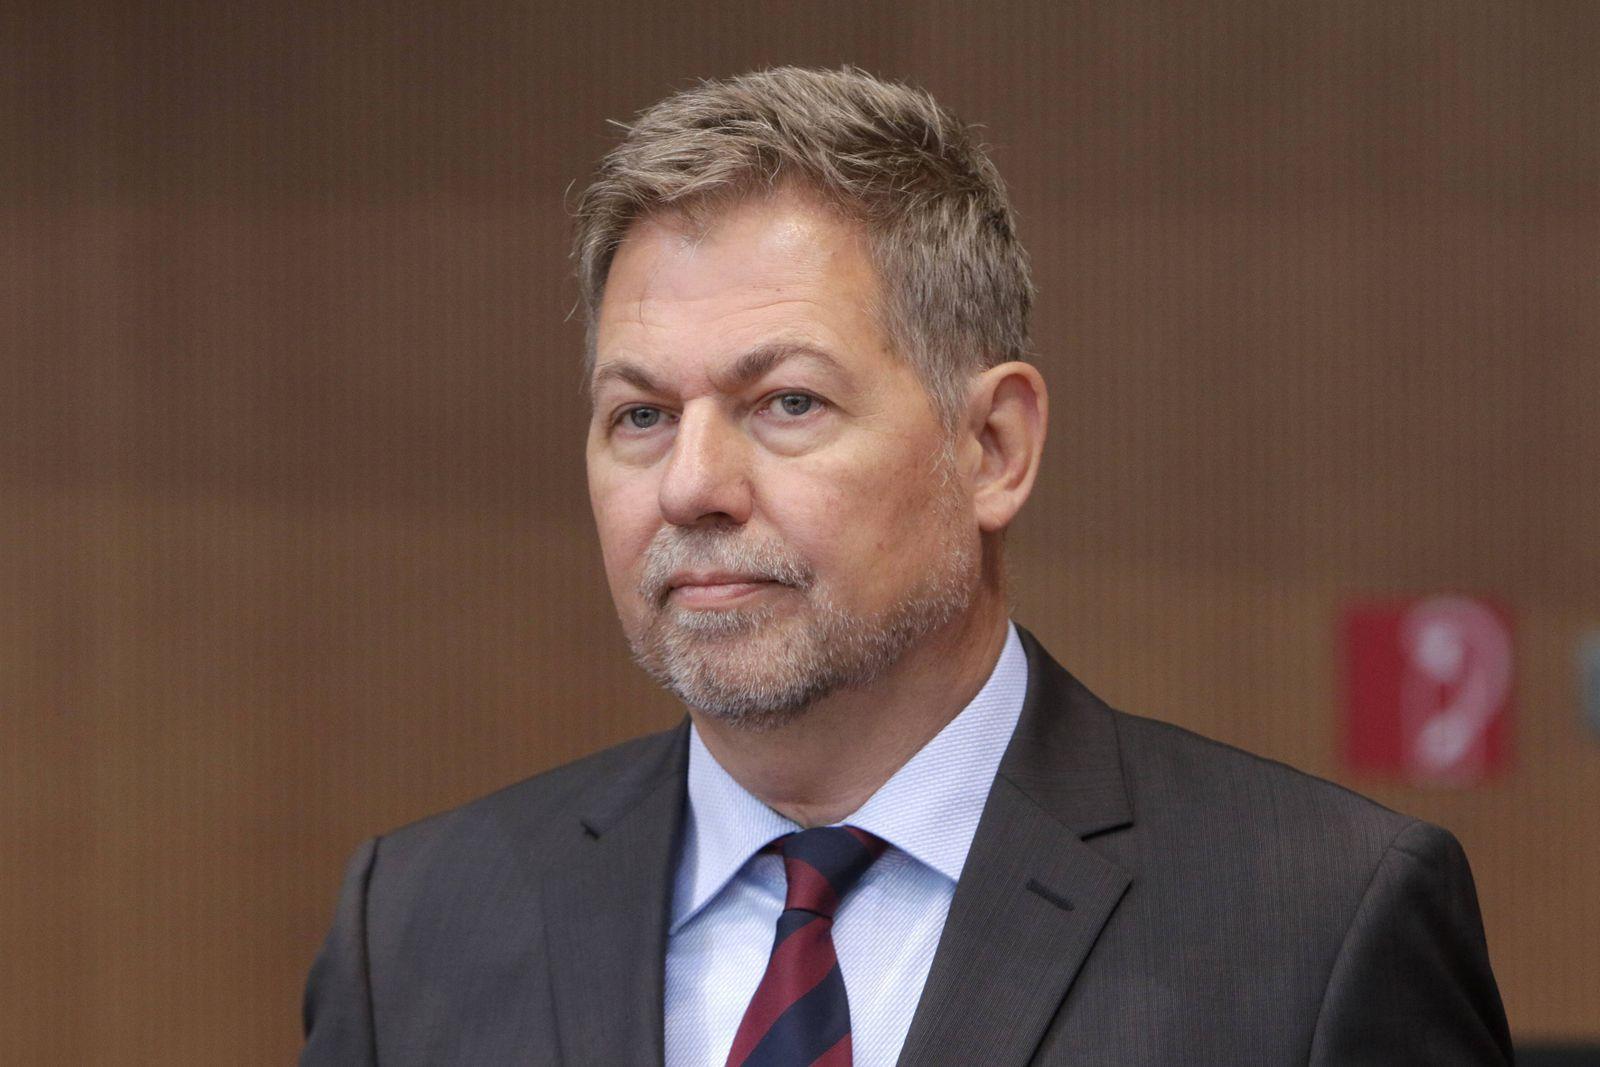 Christof Gramm, Praesident Bundesamt fuer den Militaerischen Abschirmdienst, MAD, vor der Anhoerung durch das Parlament